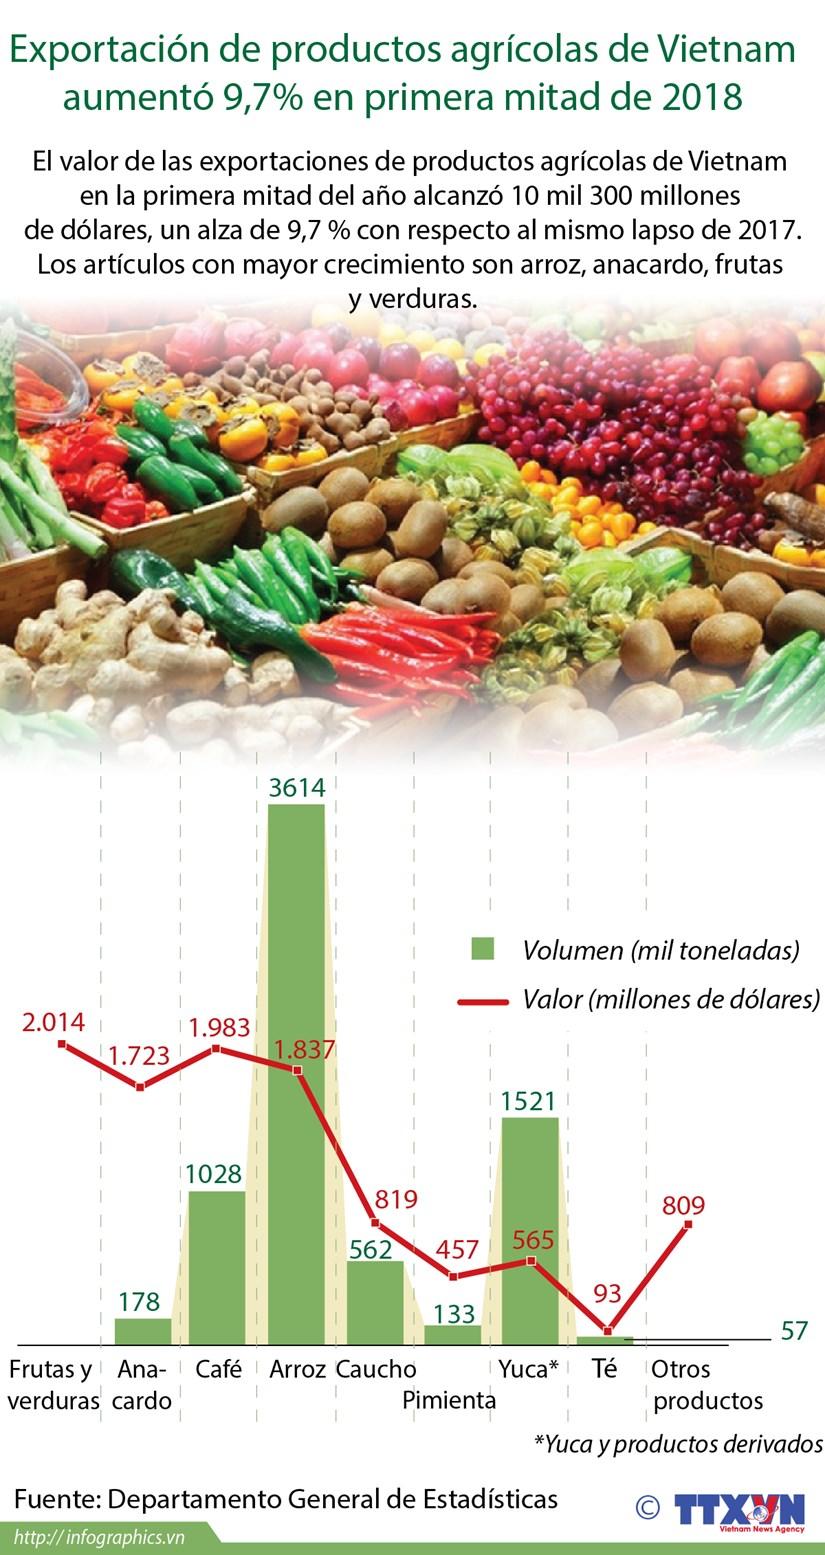 [Info] Exportacion de productos agricolas de Vietnam aumento 9,7% en primera mitad de 2018 hinh anh 1